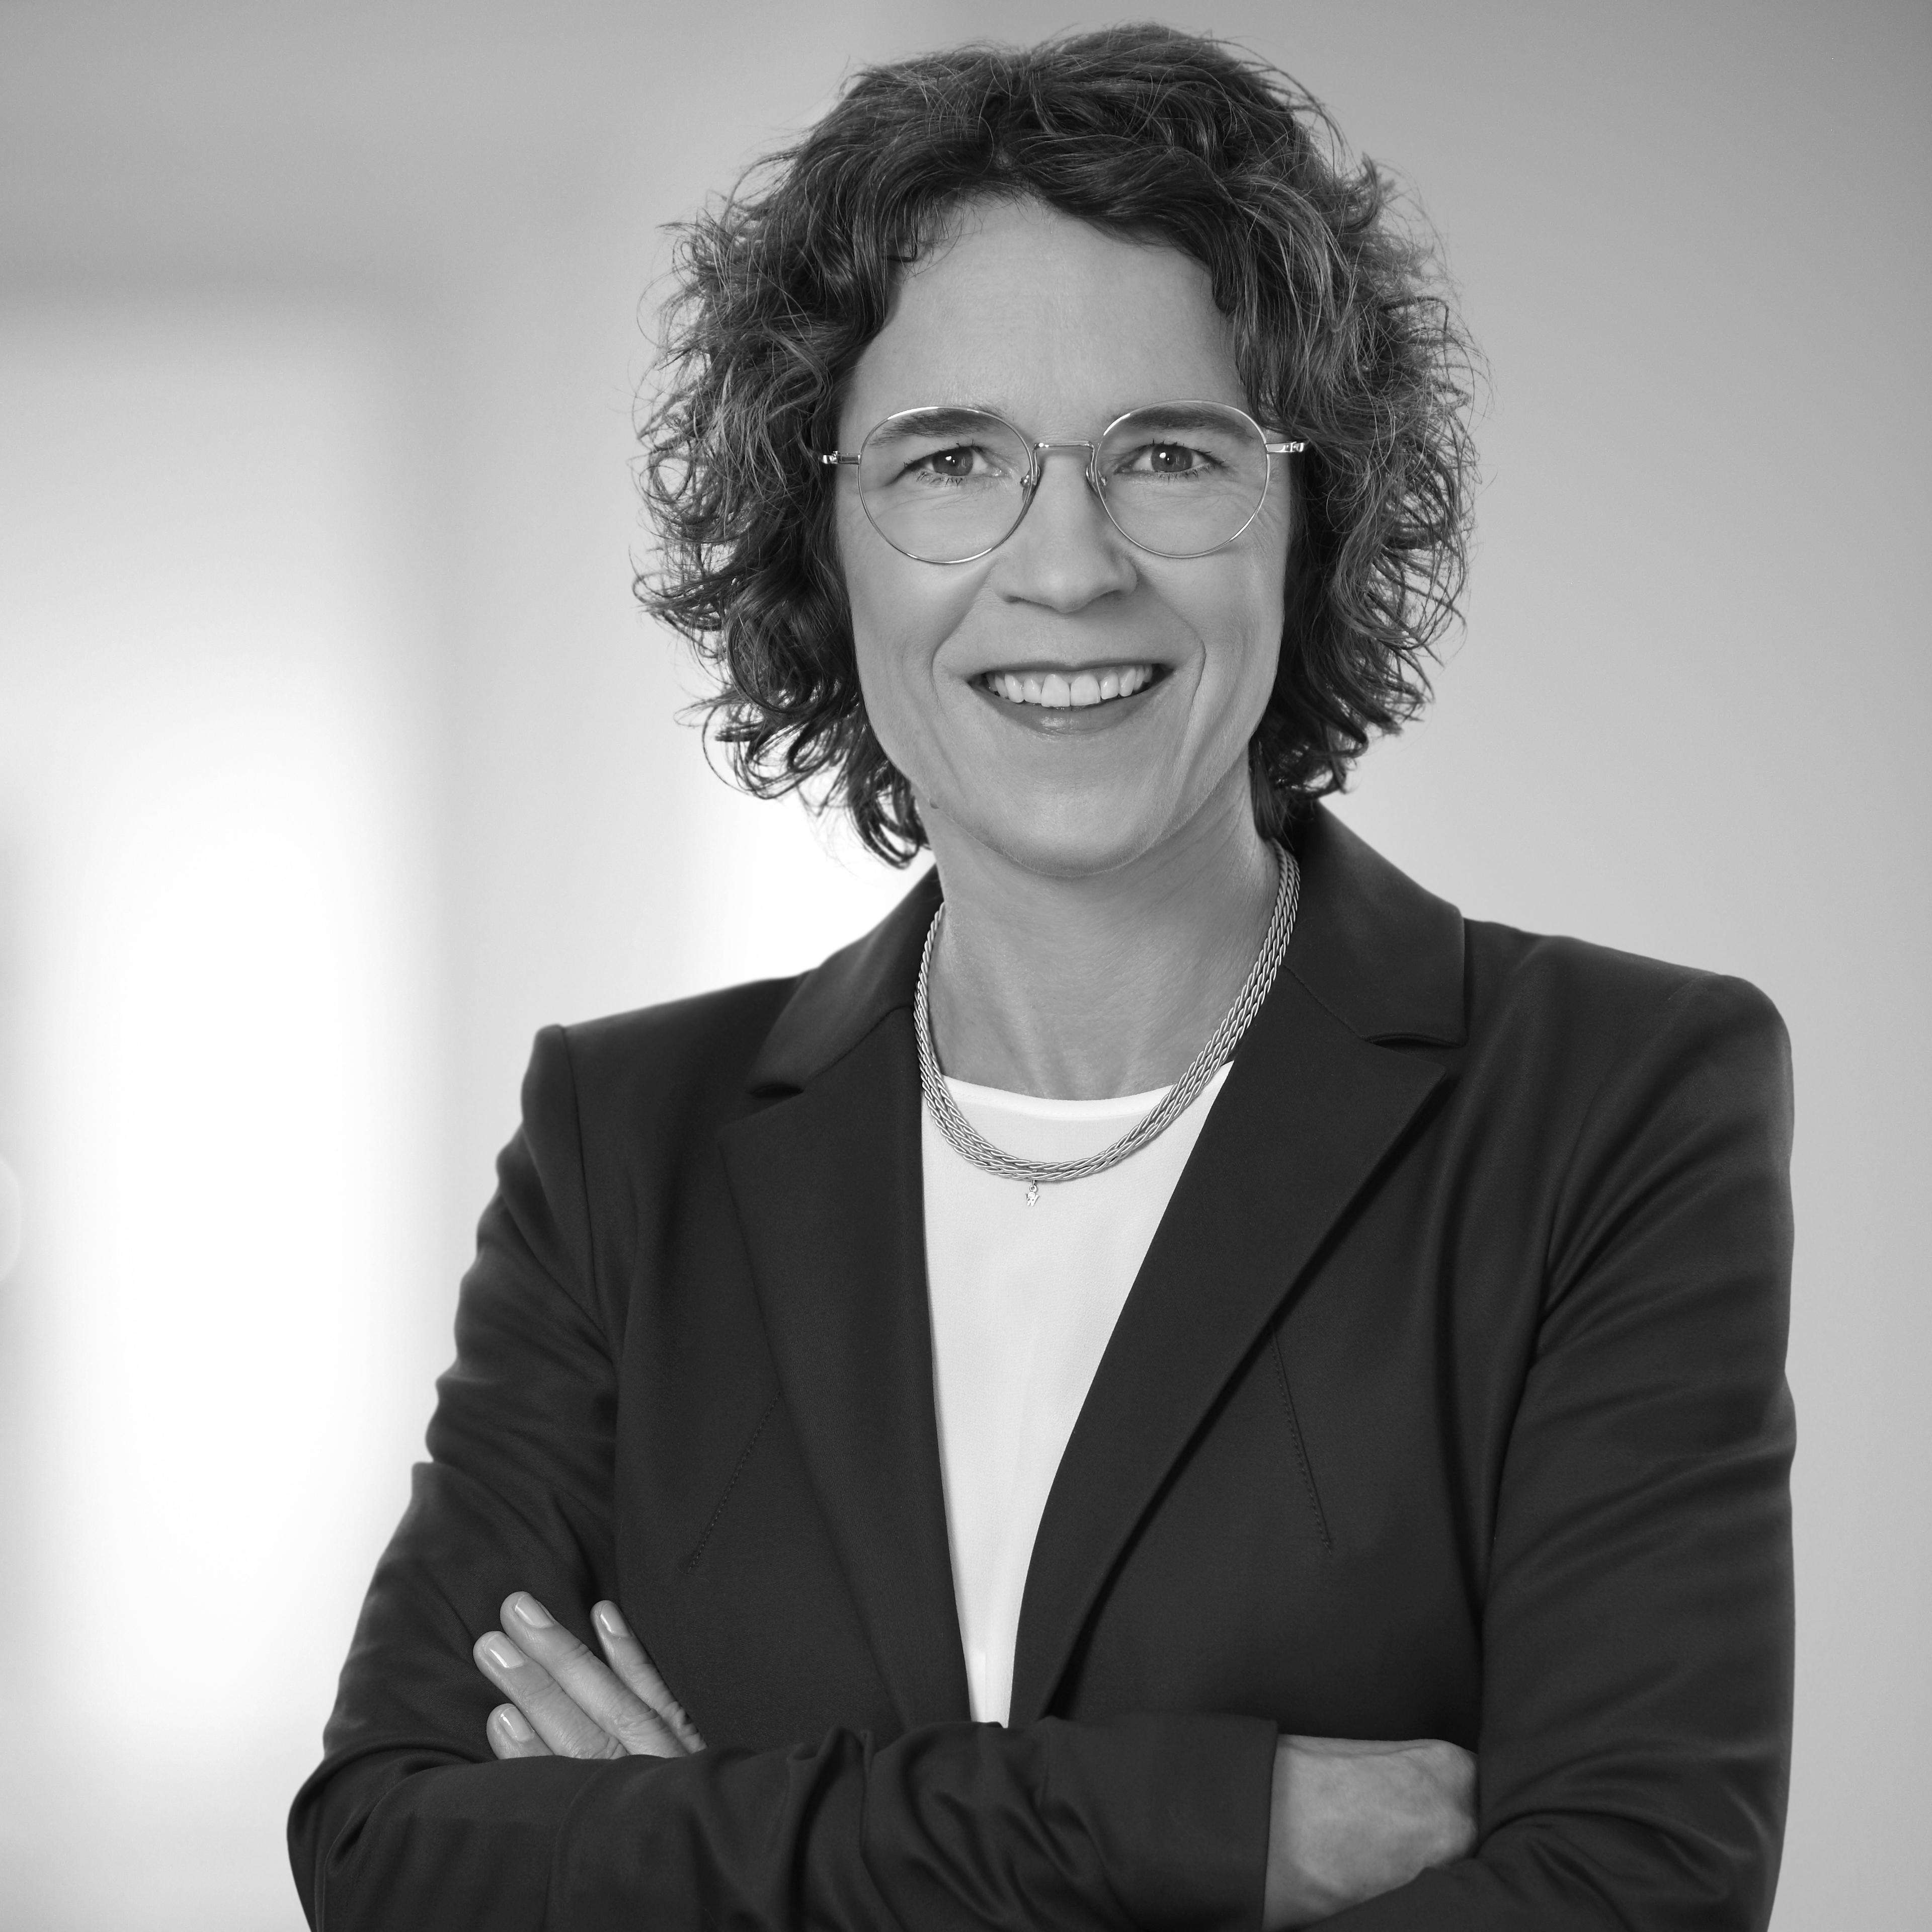 Silke Wohlgemuth